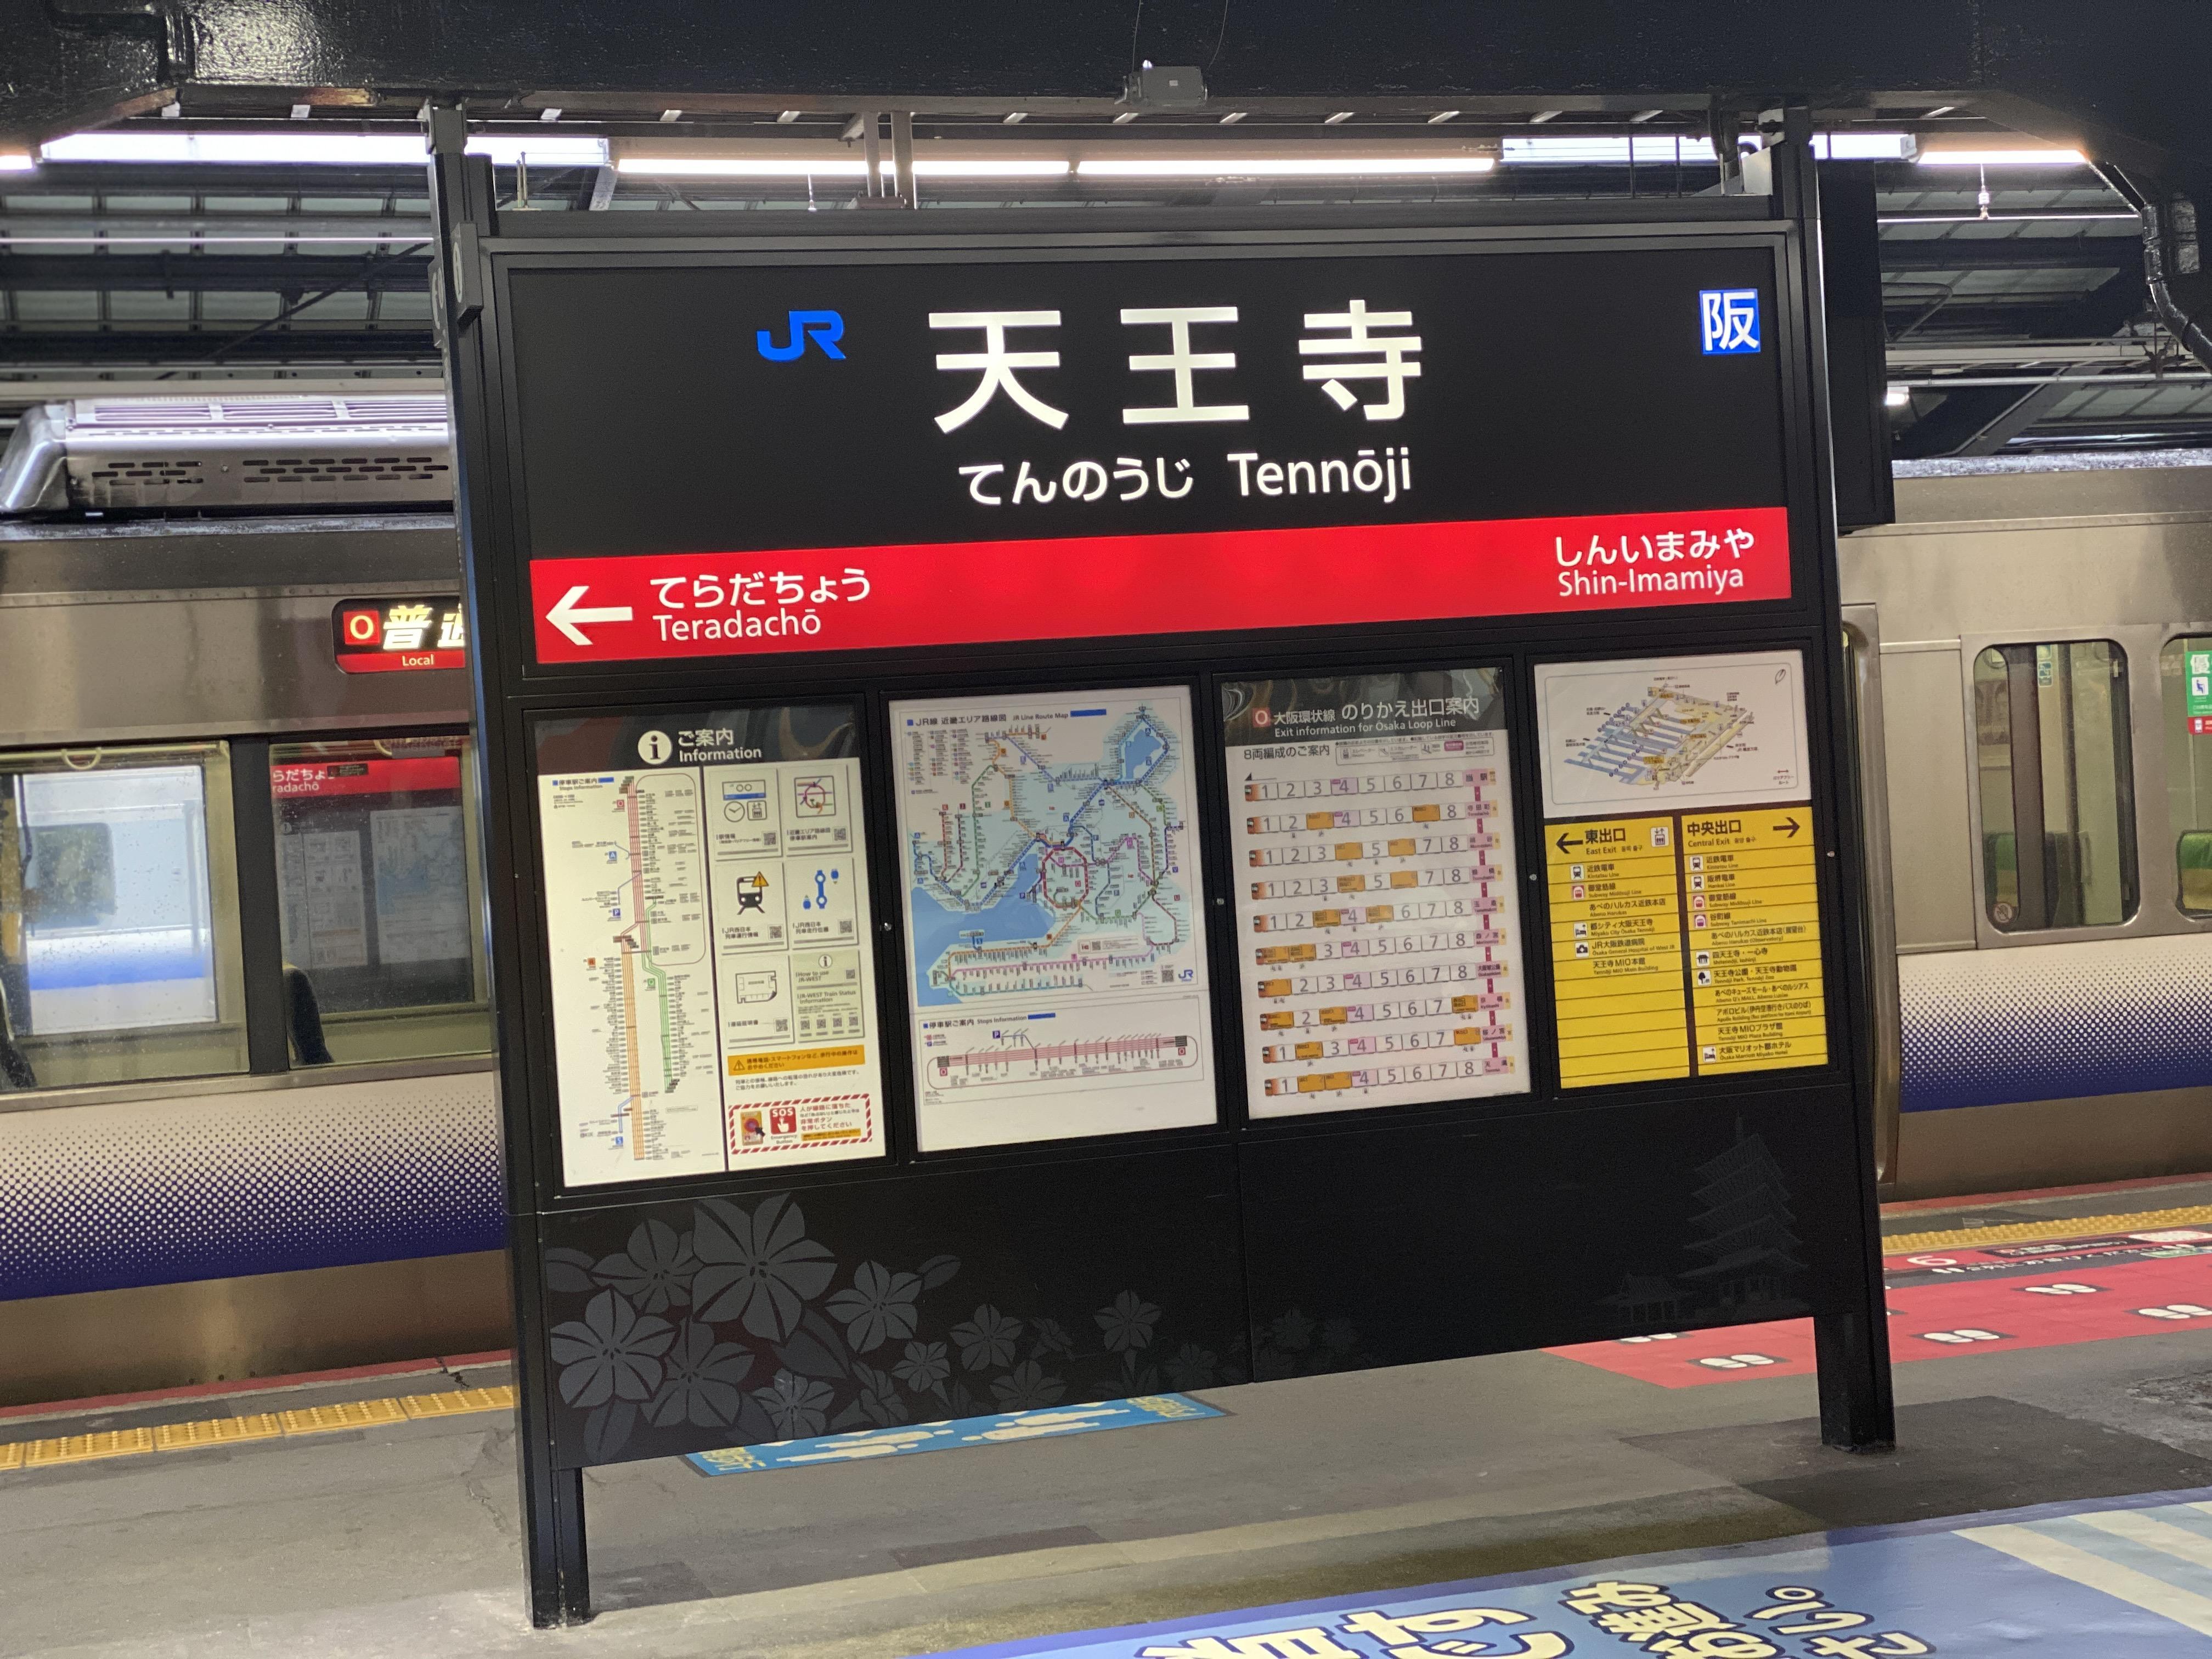 2021年9月に、勉強カフェ天王寺寺田町がオープンします。